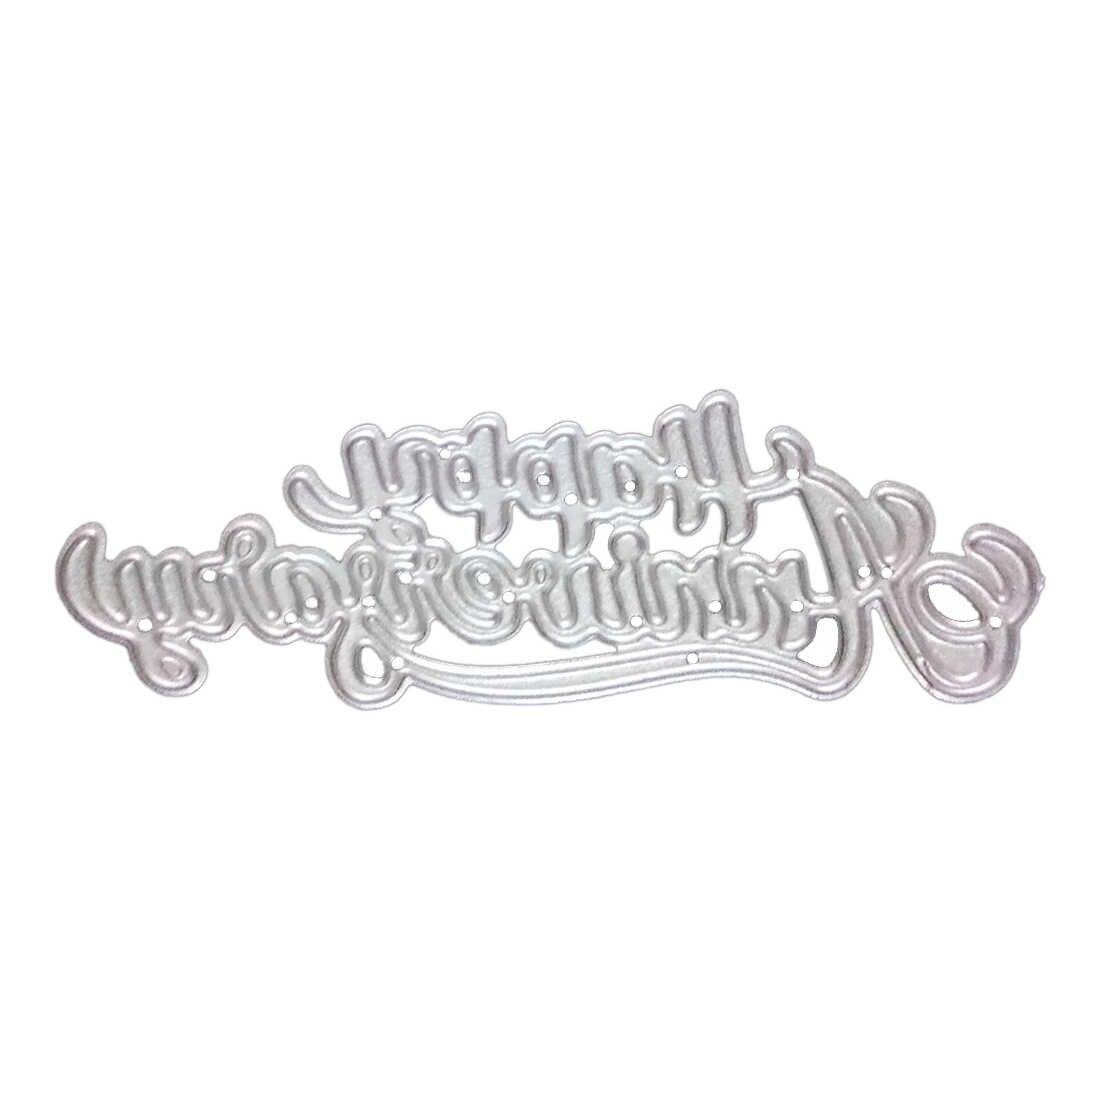 Новое прибытие счастливый юбилей металлические трафареты для пресс-формы для DIY скрапбукинга/фото украшение для альбома тиснение бумажные карточки ручной работы